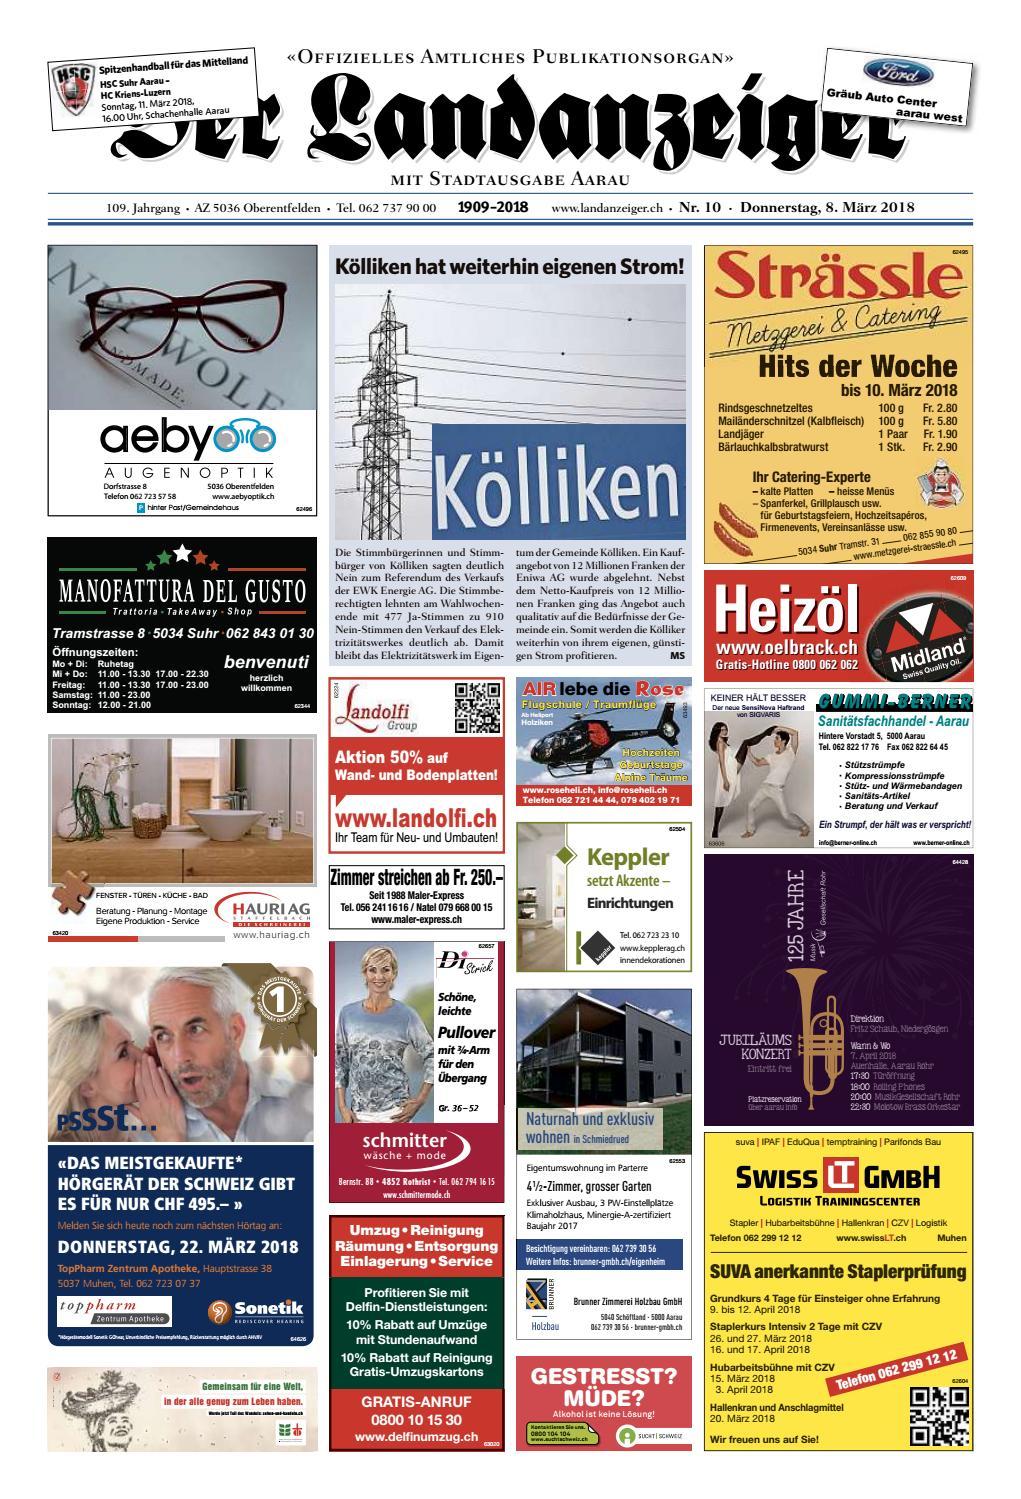 Der Landanzeiger 10 18 By Zt Medien Ag Issuu